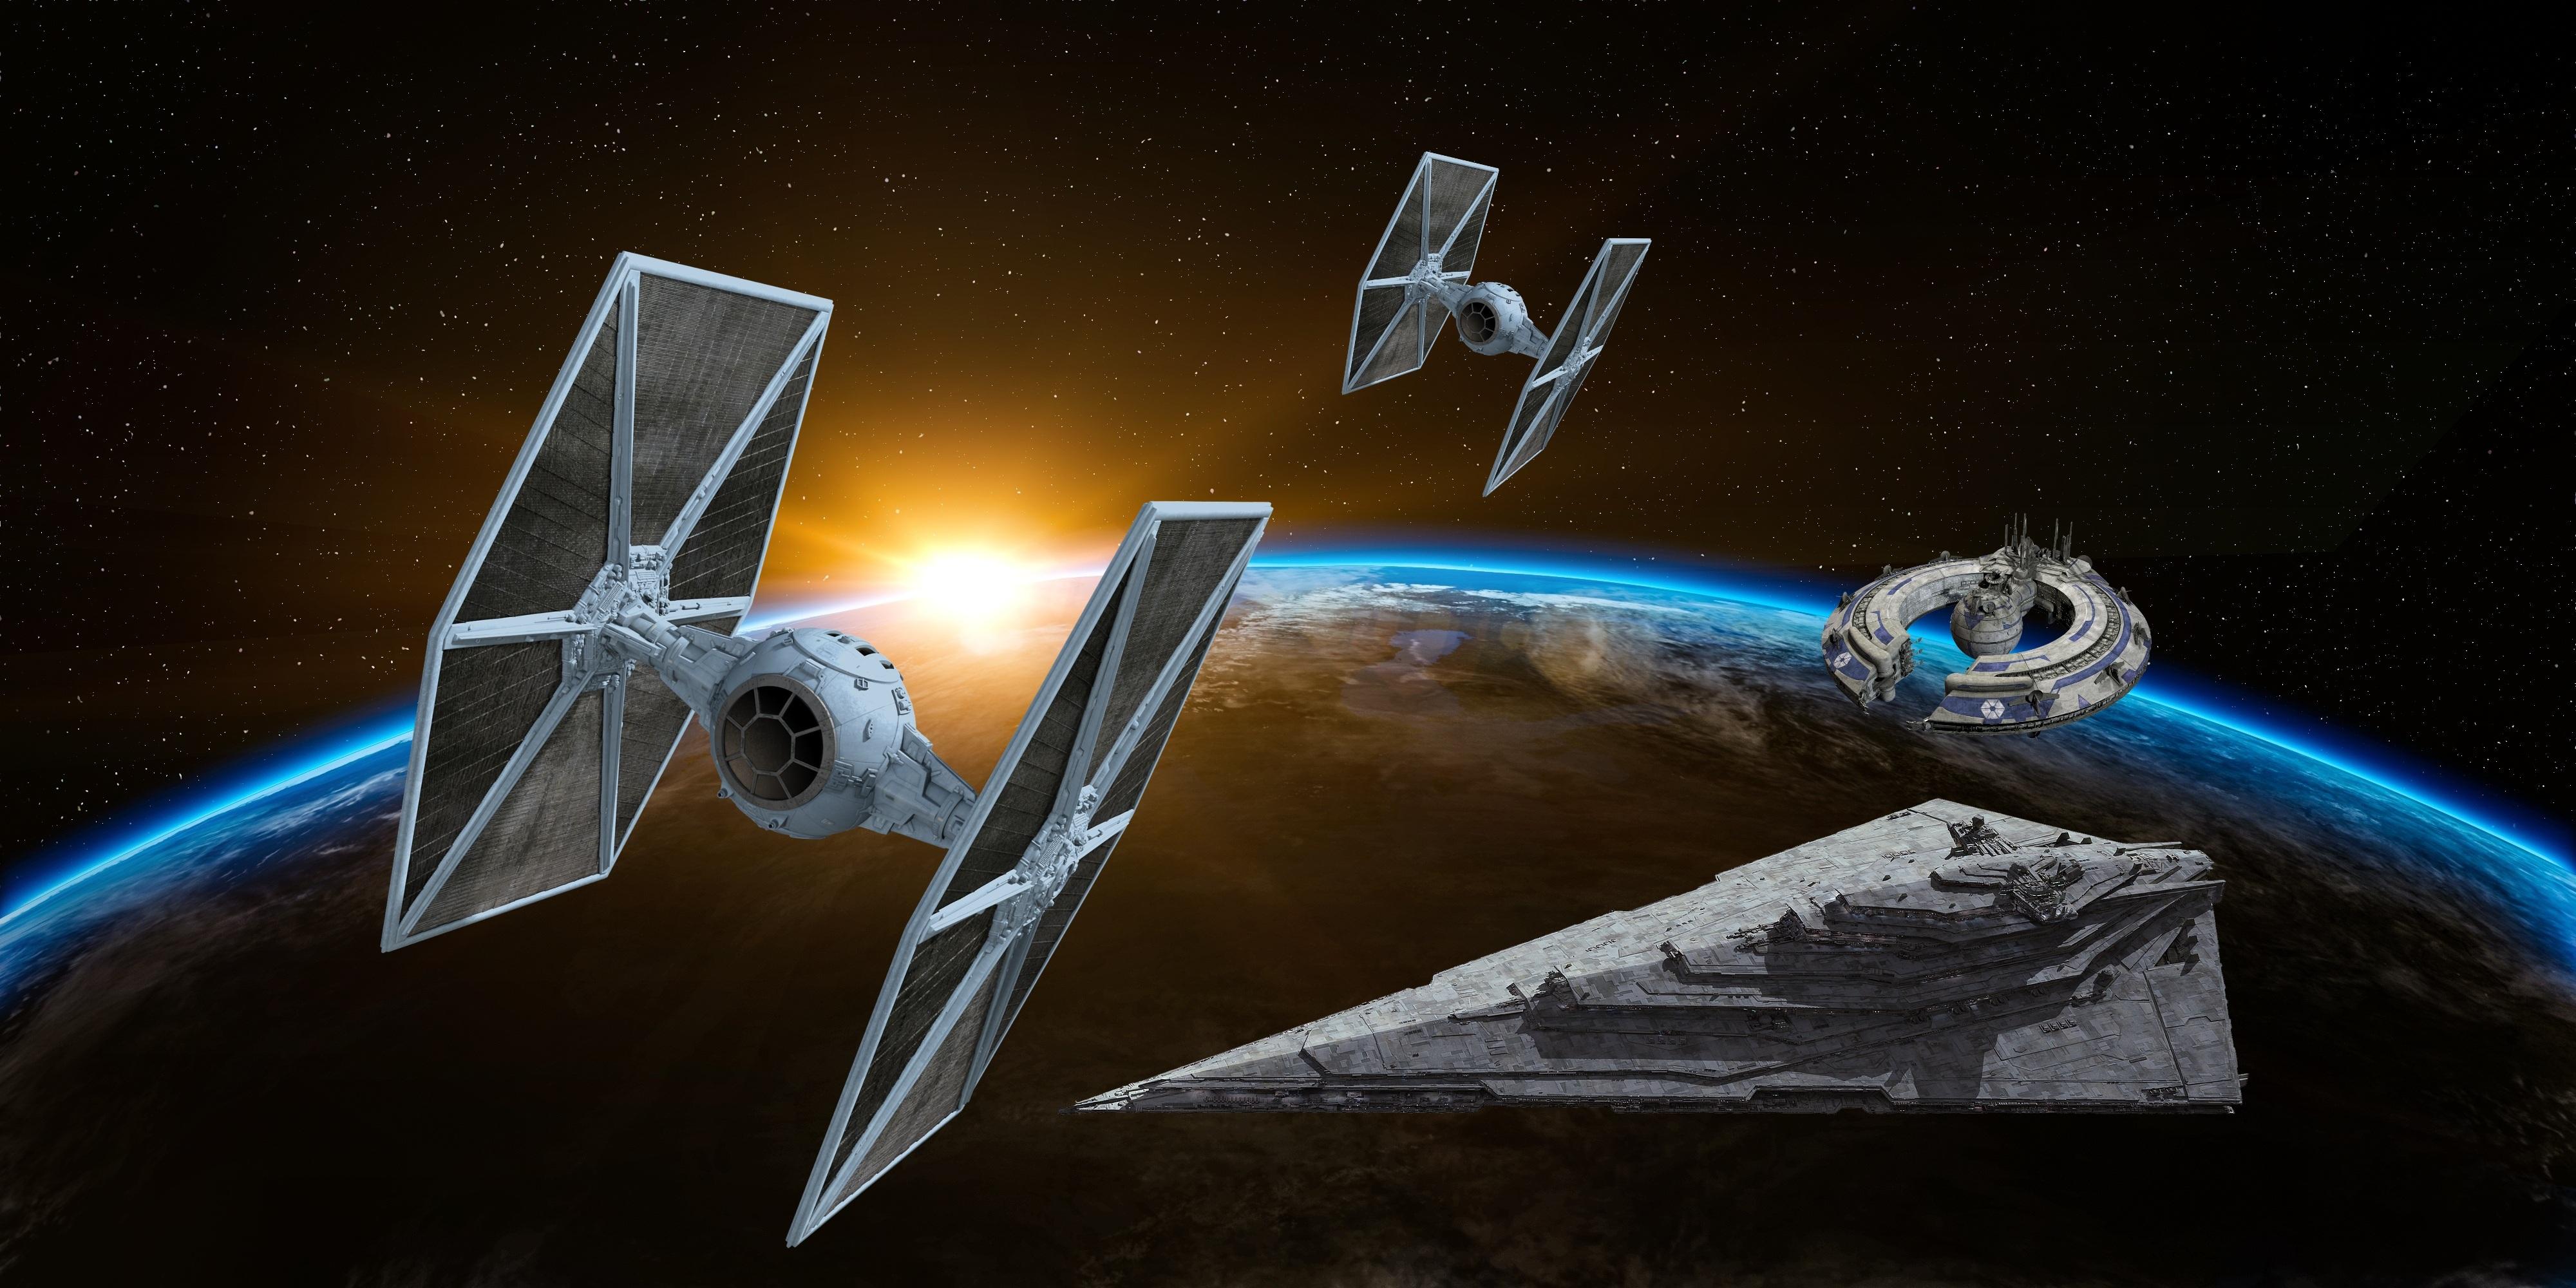 Star Wars Spaceships, Lucrehulk class Droid Control Ship HD